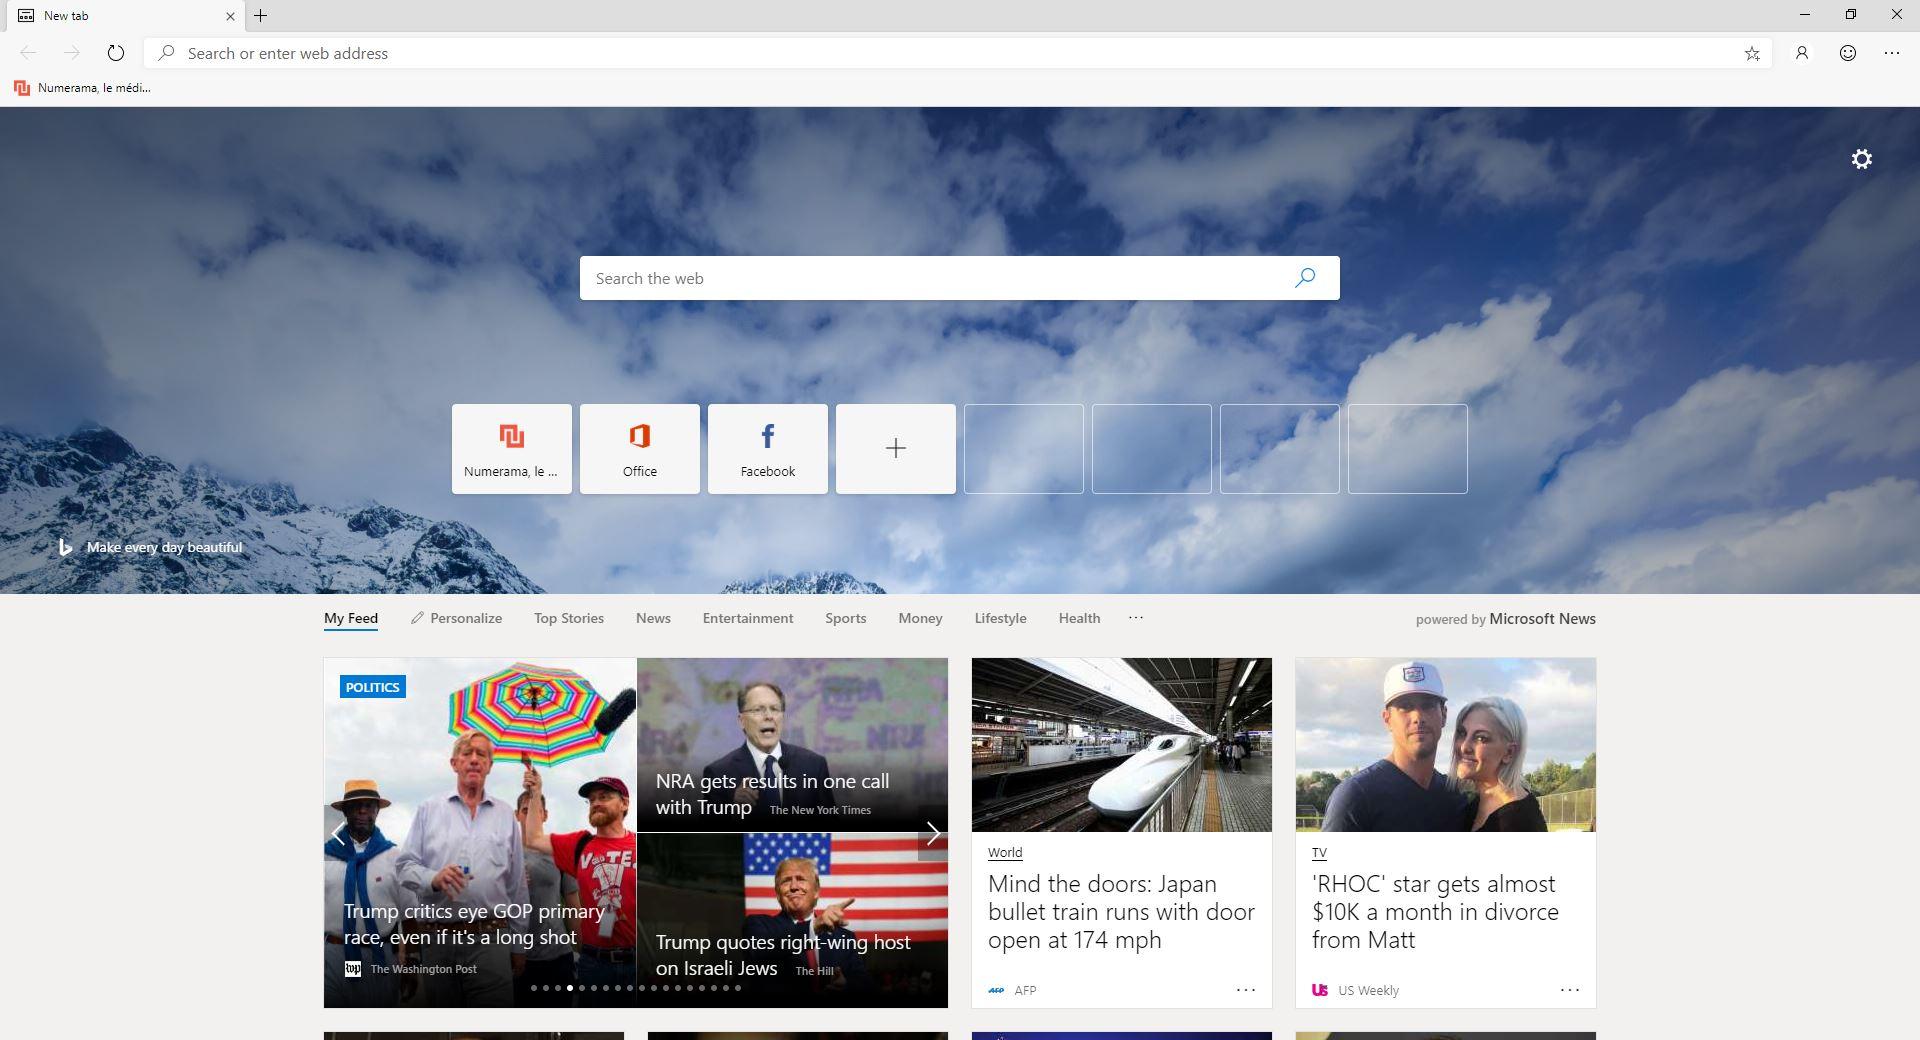 Microsoft offre jusqu'à 30 000 dollars de primes pour traquer les failles dans son nouveau navigateur Edge